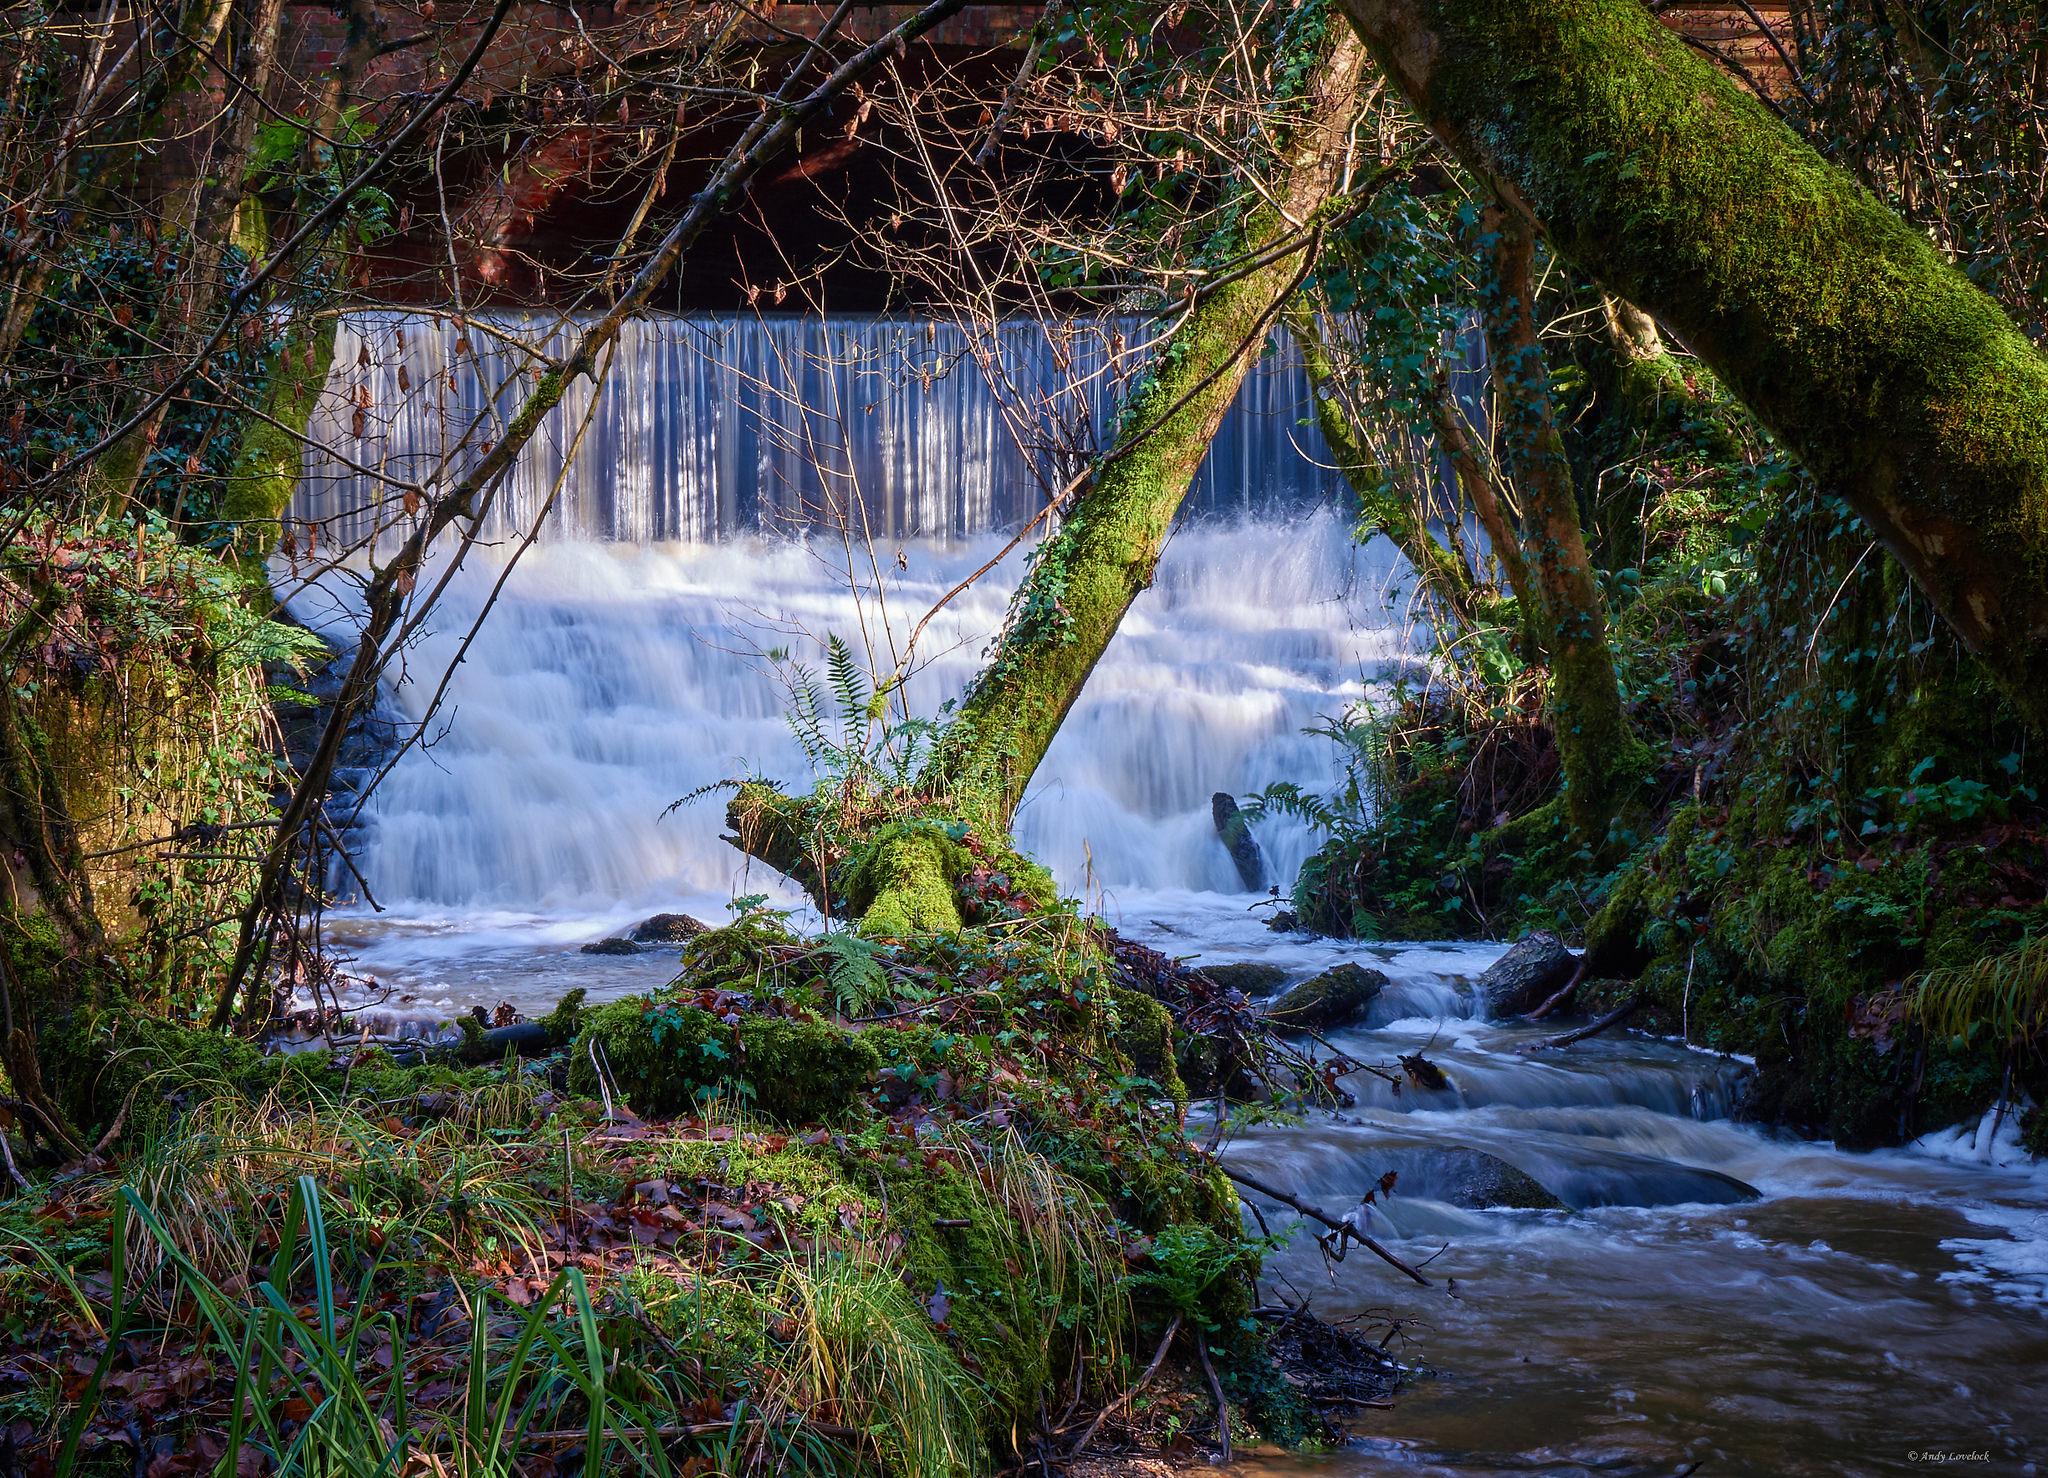 Walkford Weir